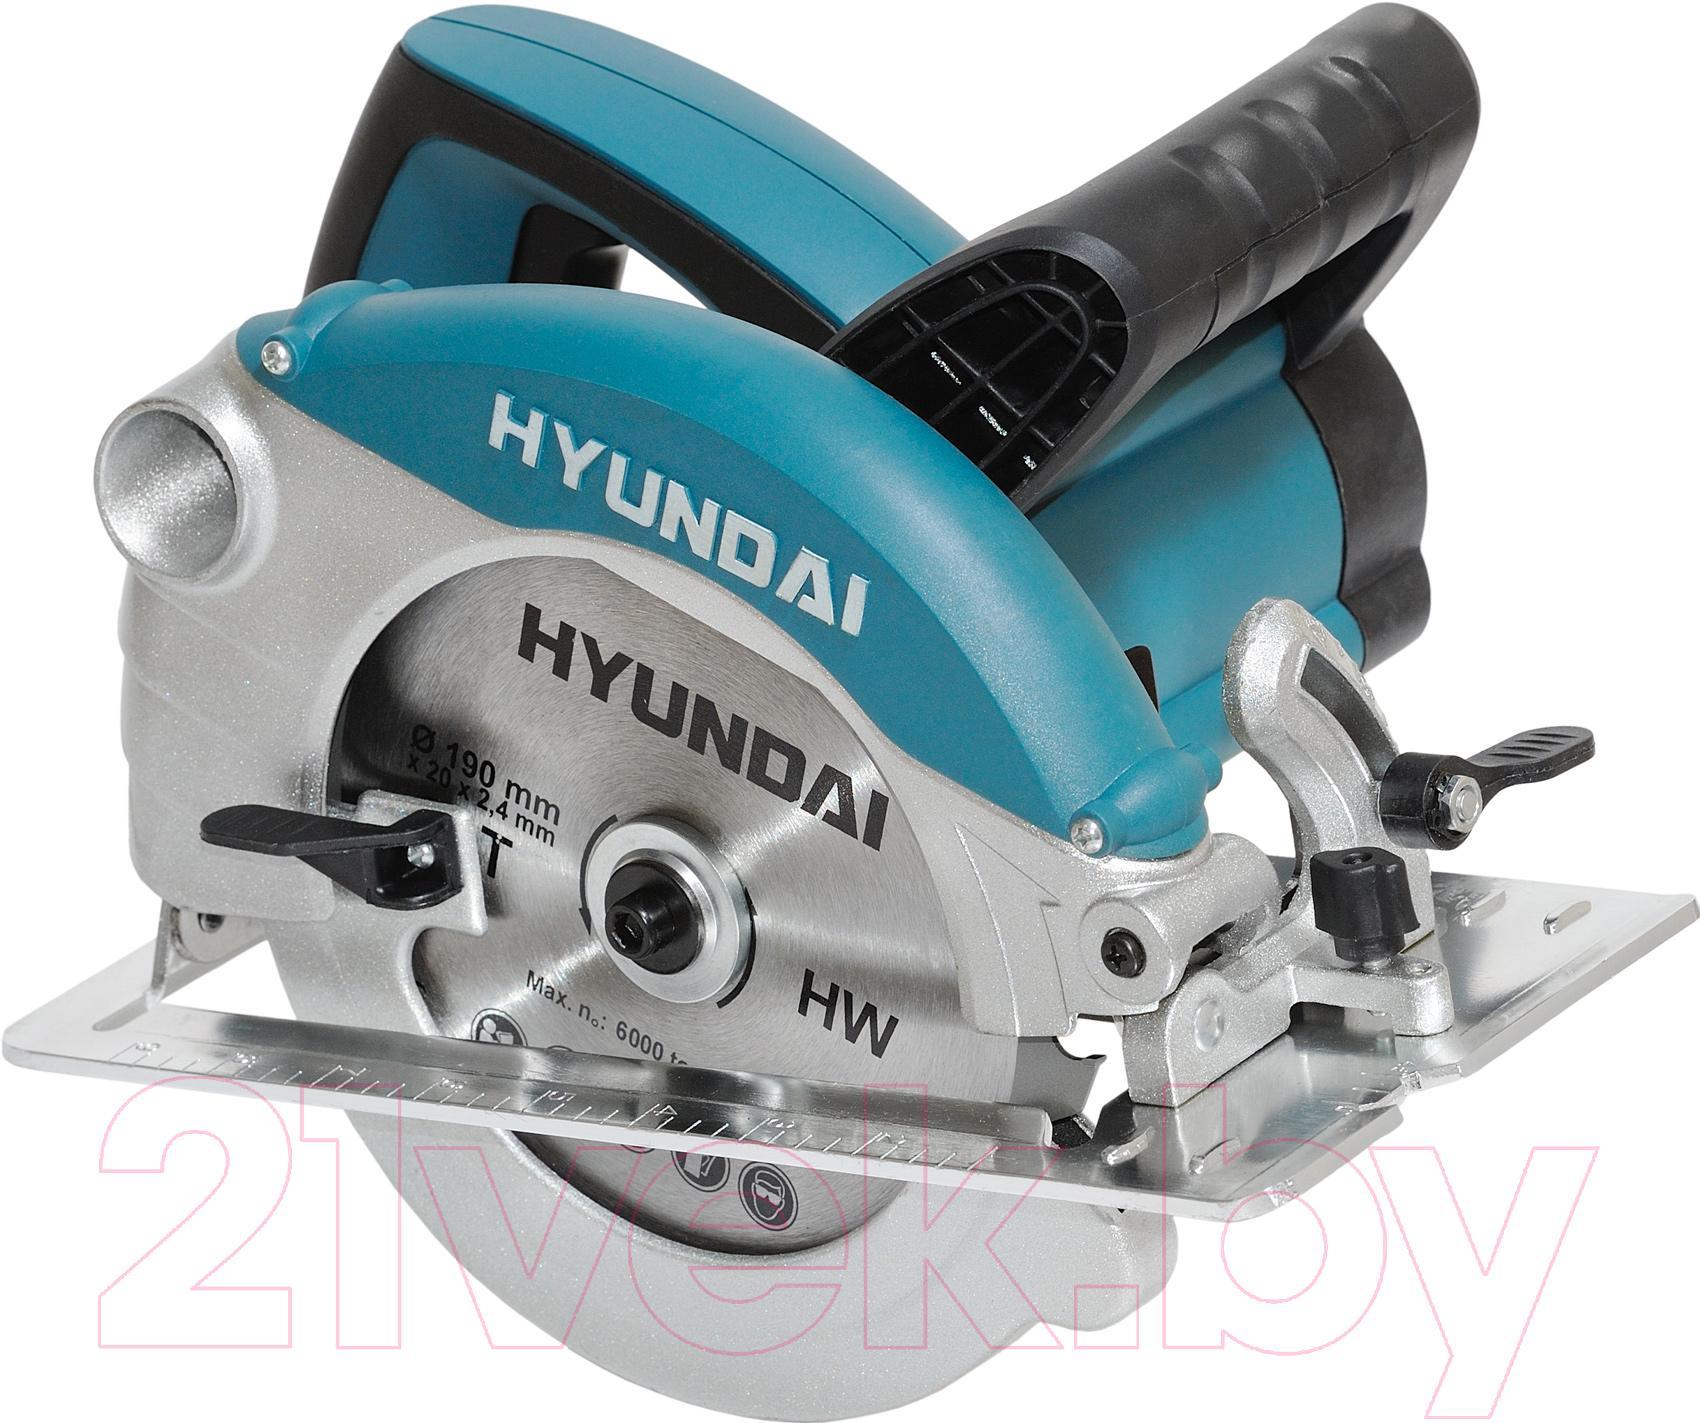 Фотография товара Дисковая пила Hyundai